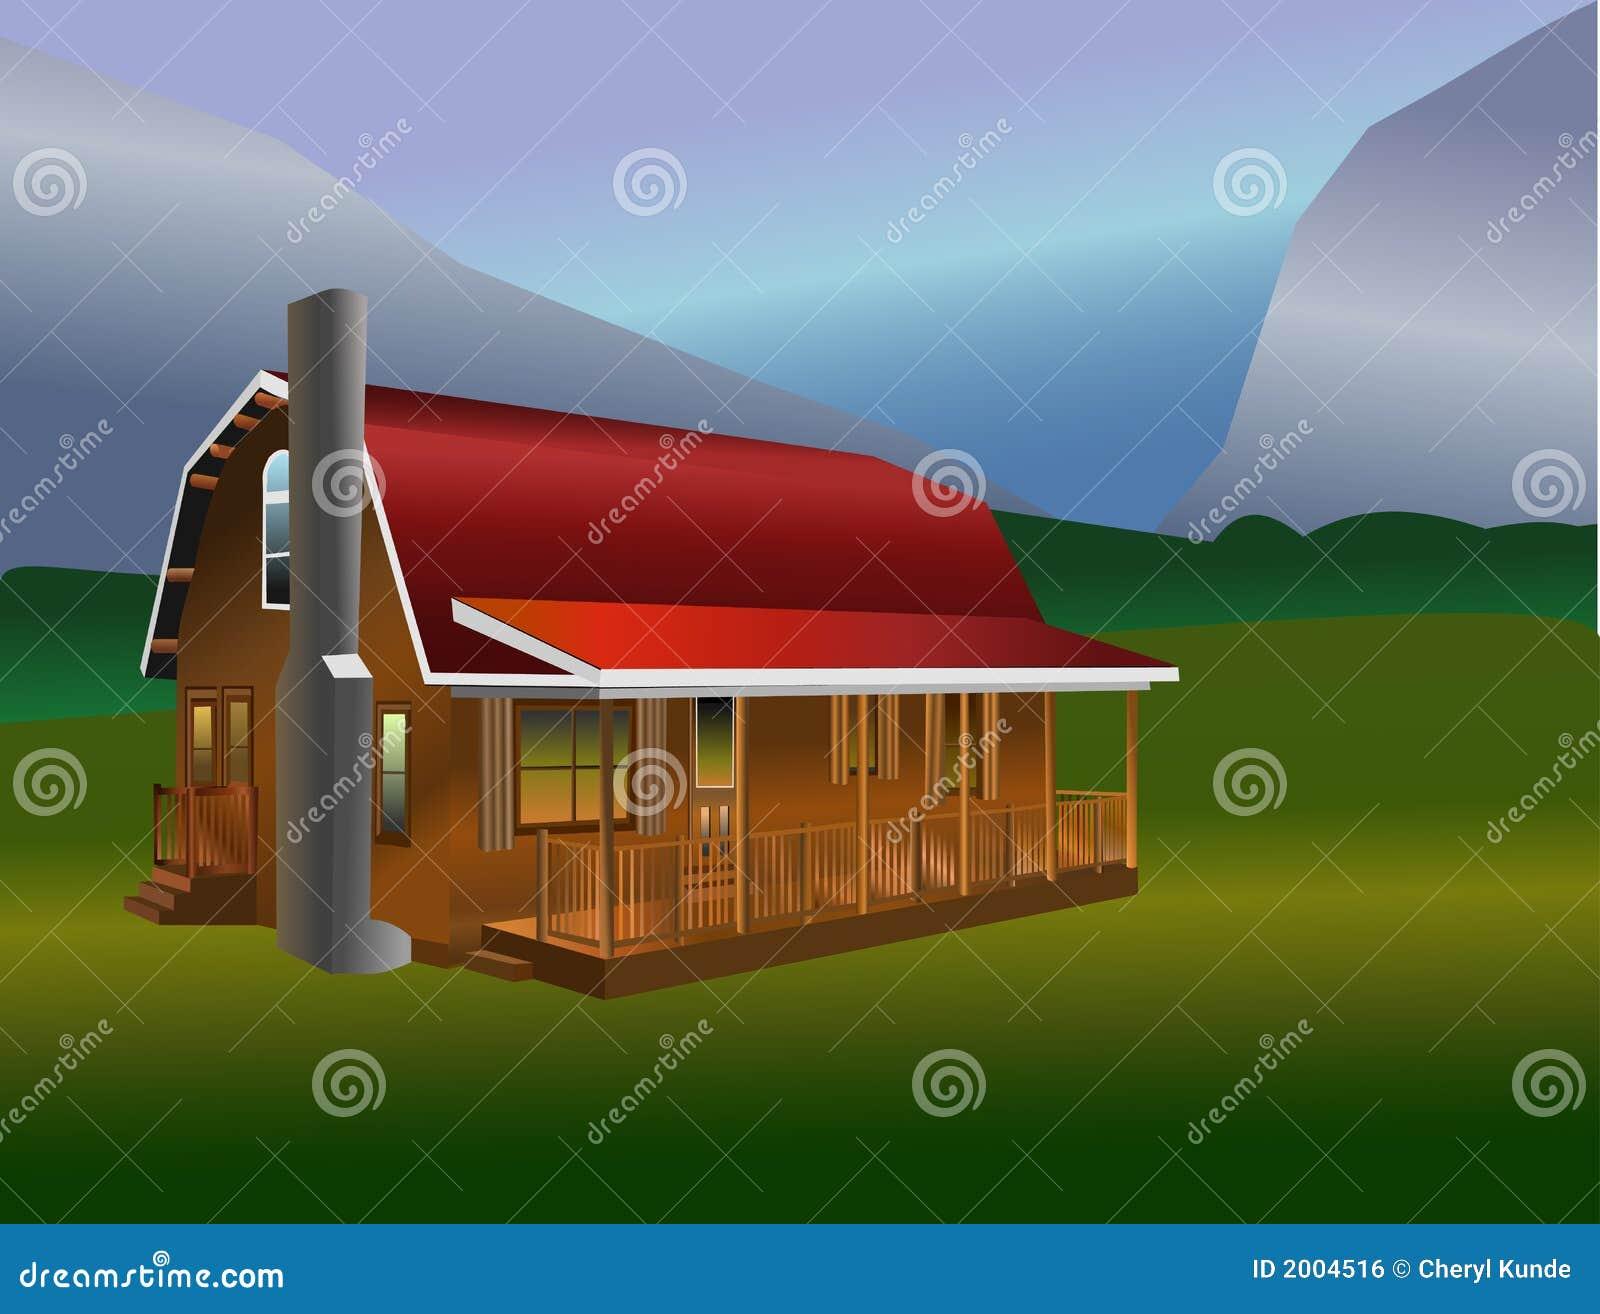 Cabina rustica illustrazione vettoriale illustrazione di for Illuminazione rustica della cabina